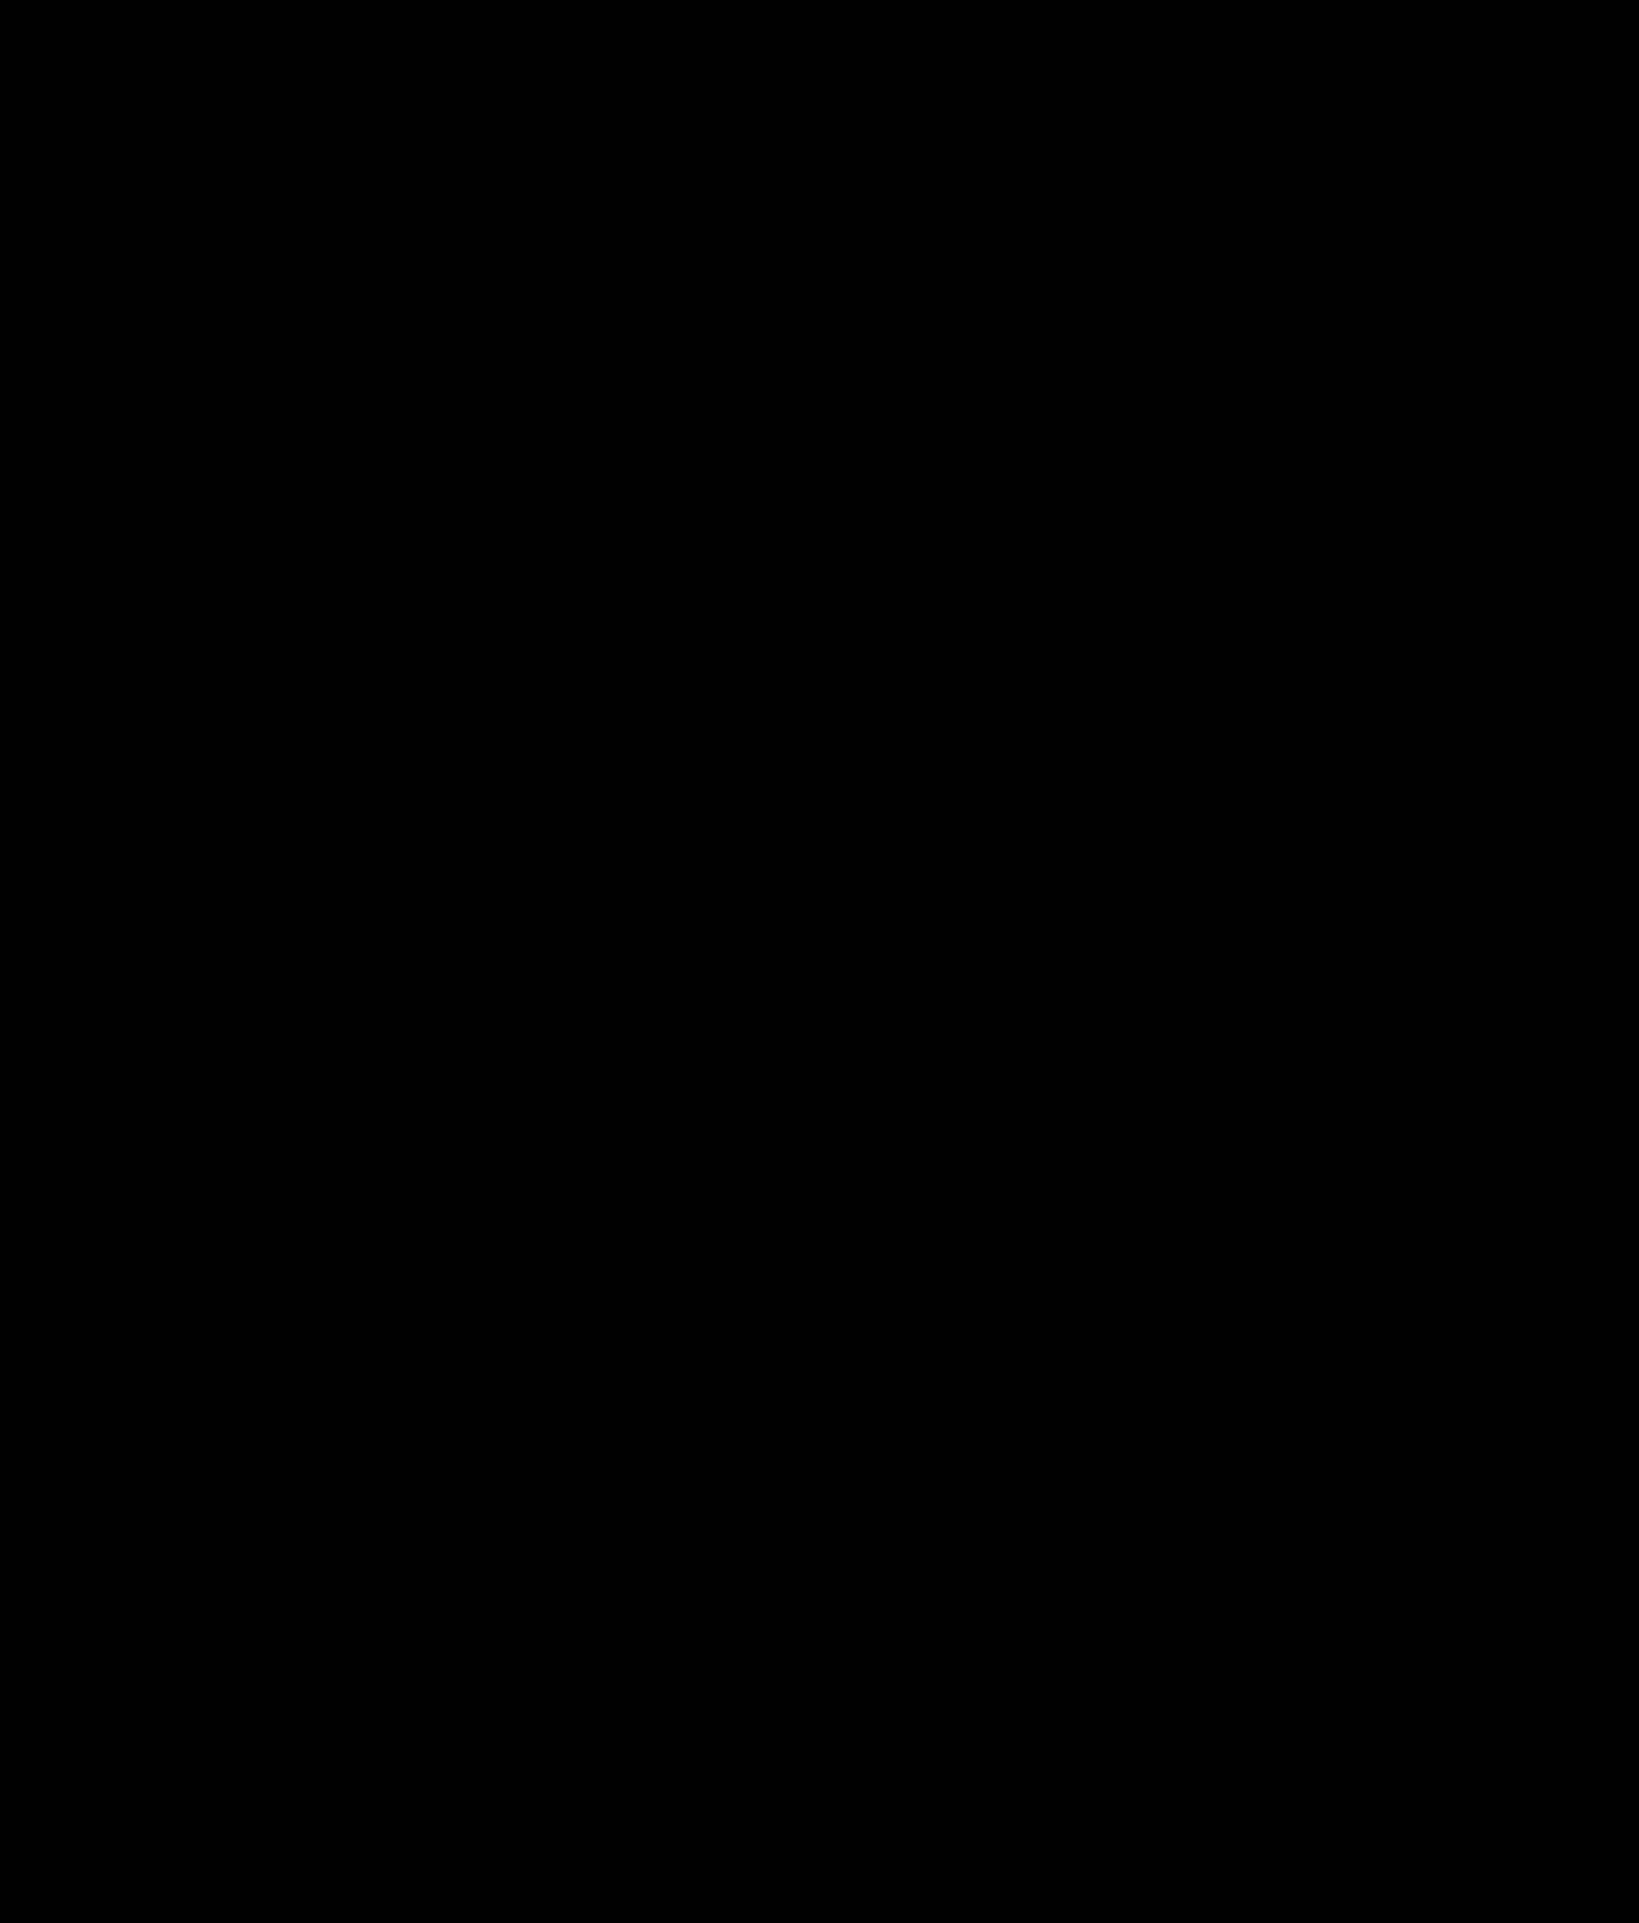 Quadro6